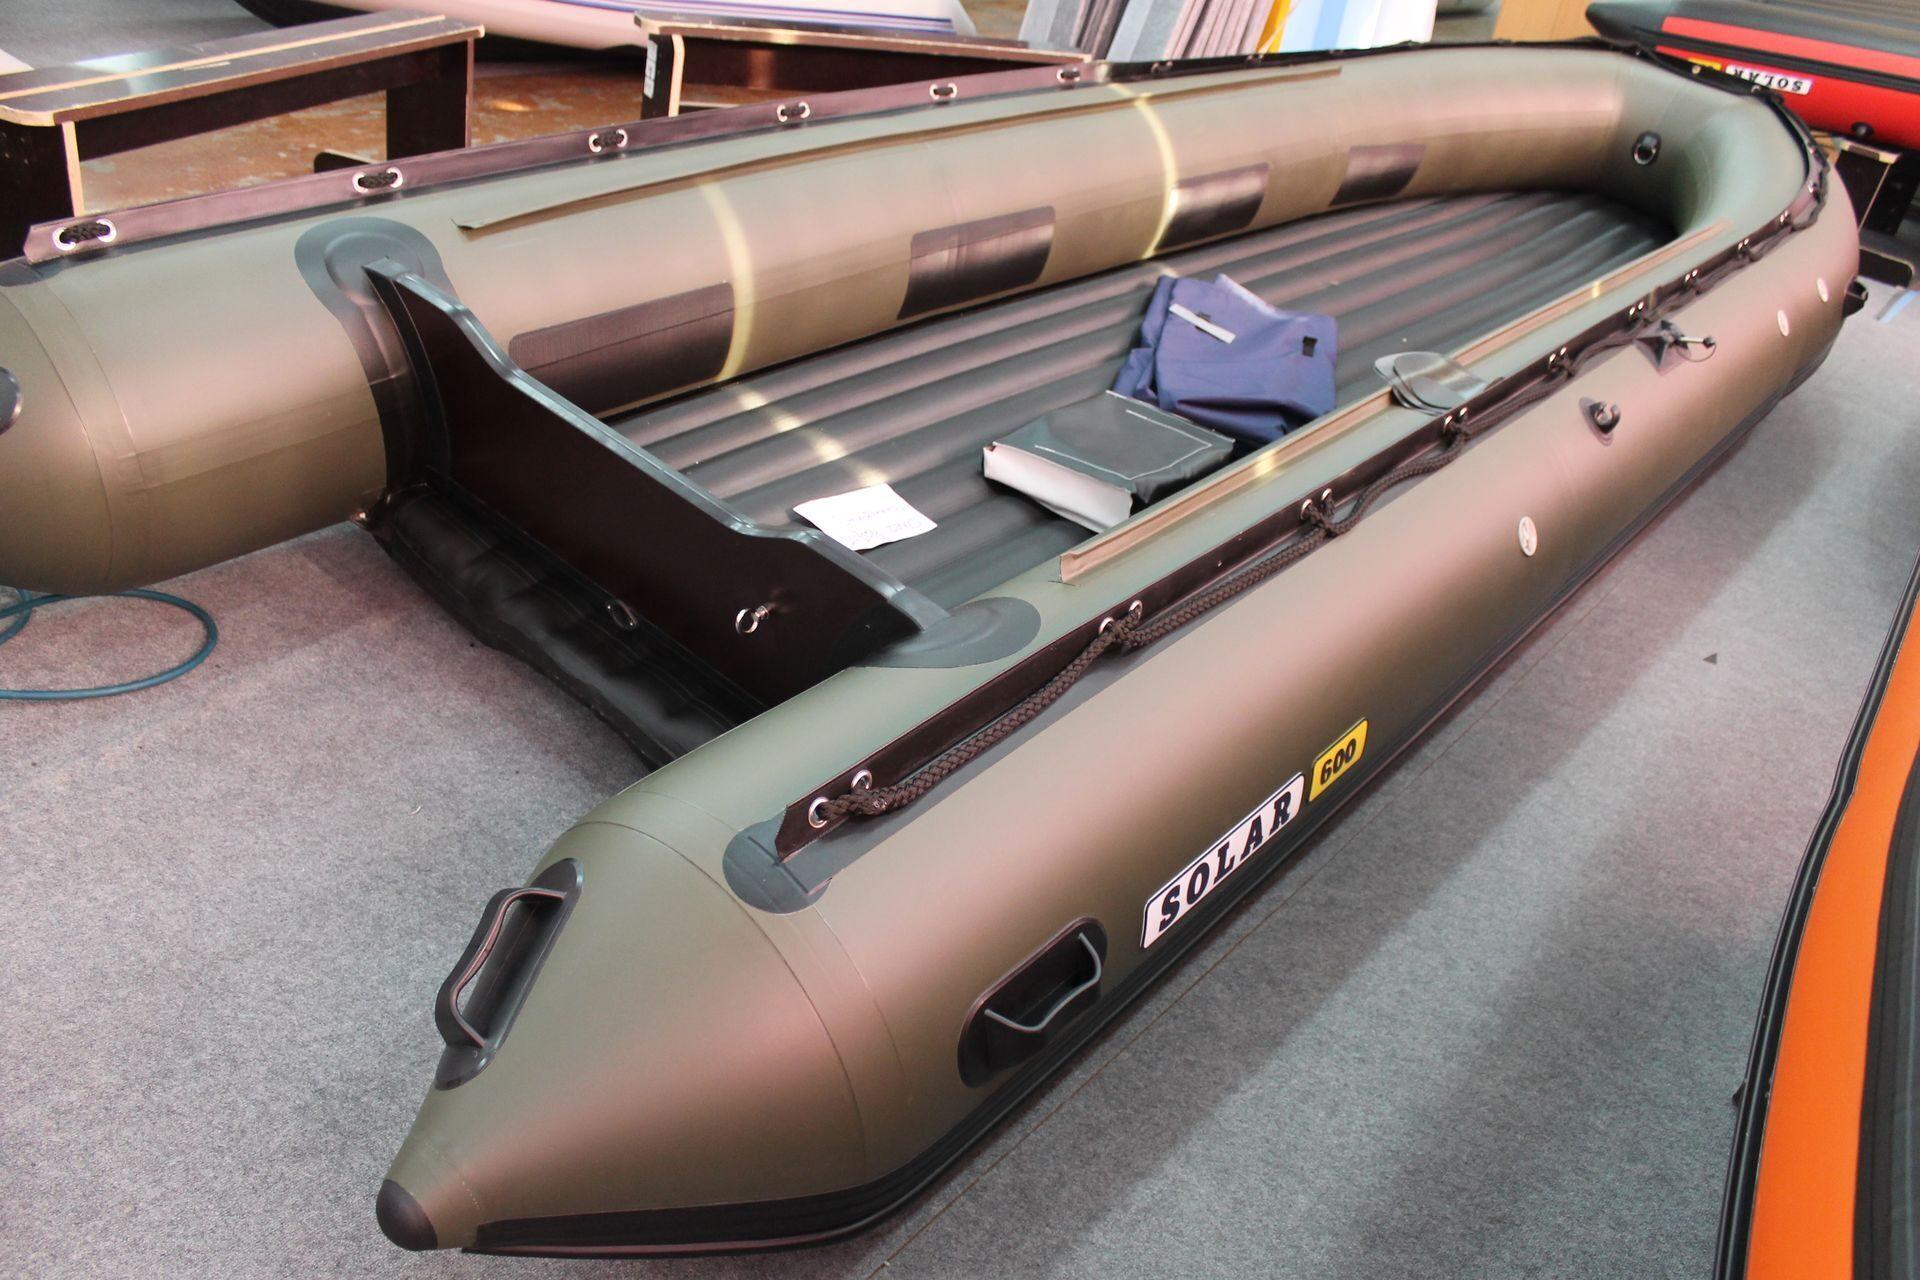 цены на лодки солар с тоннелем